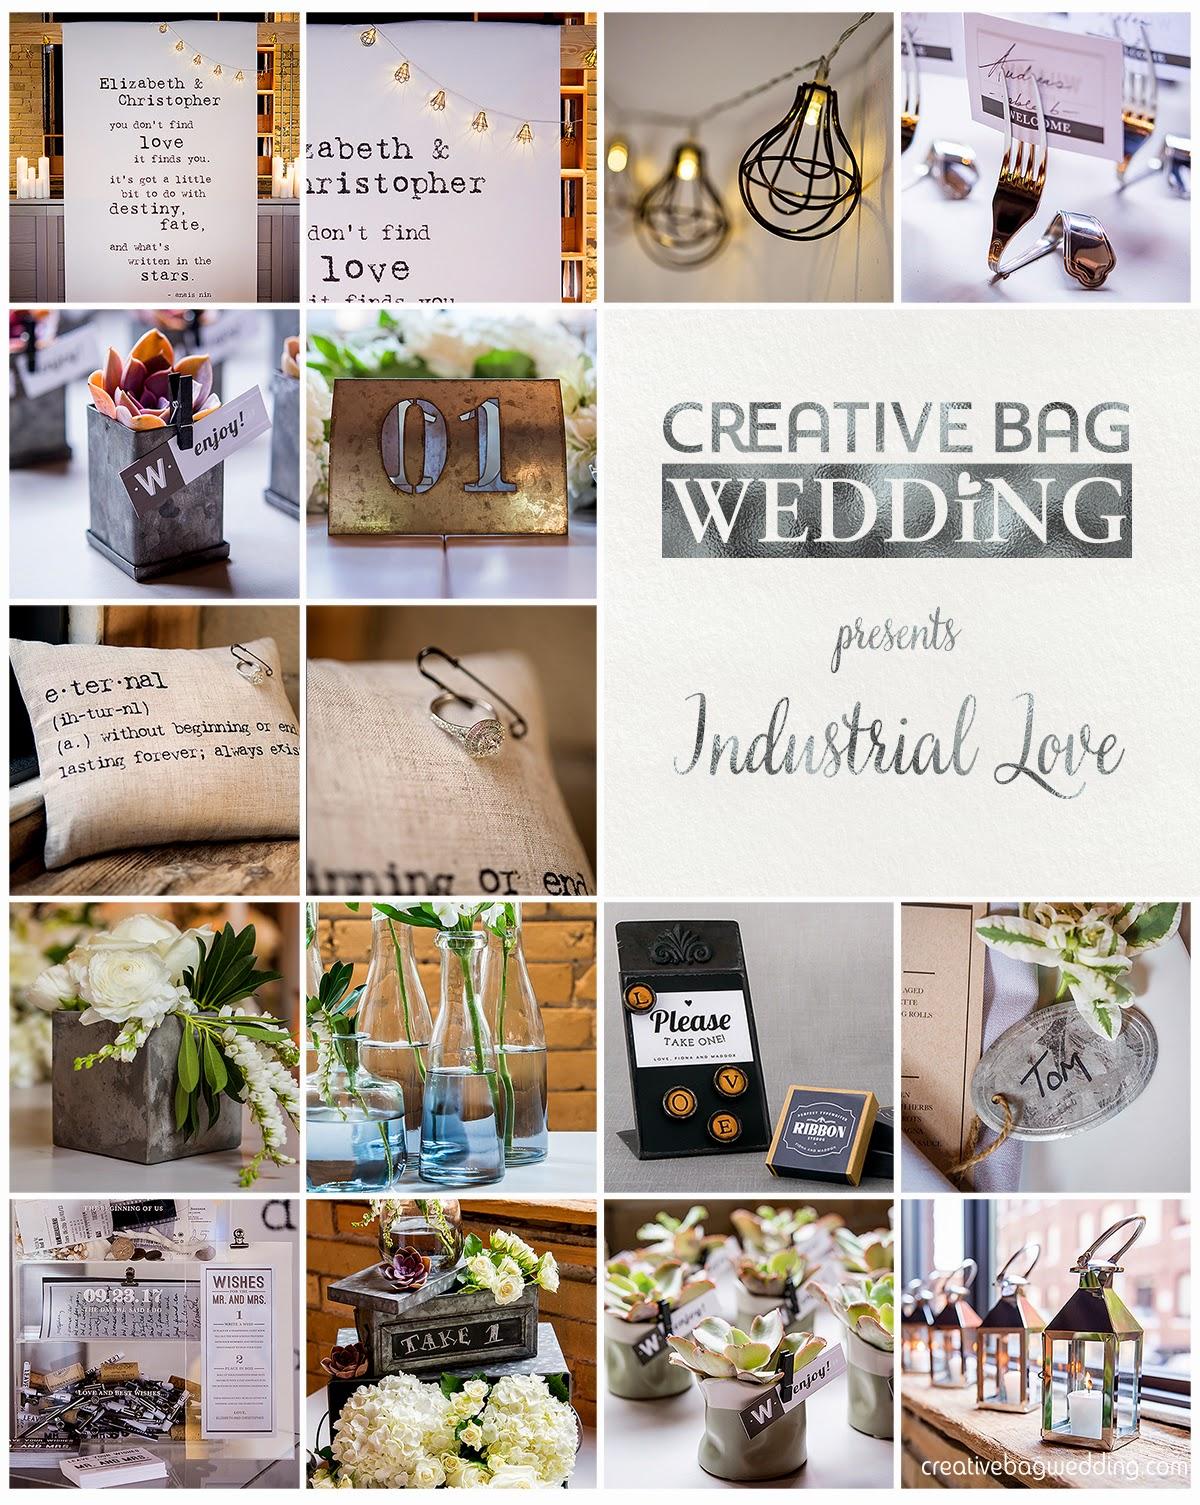 Industrial Love mood board | Creative Bag Wedding